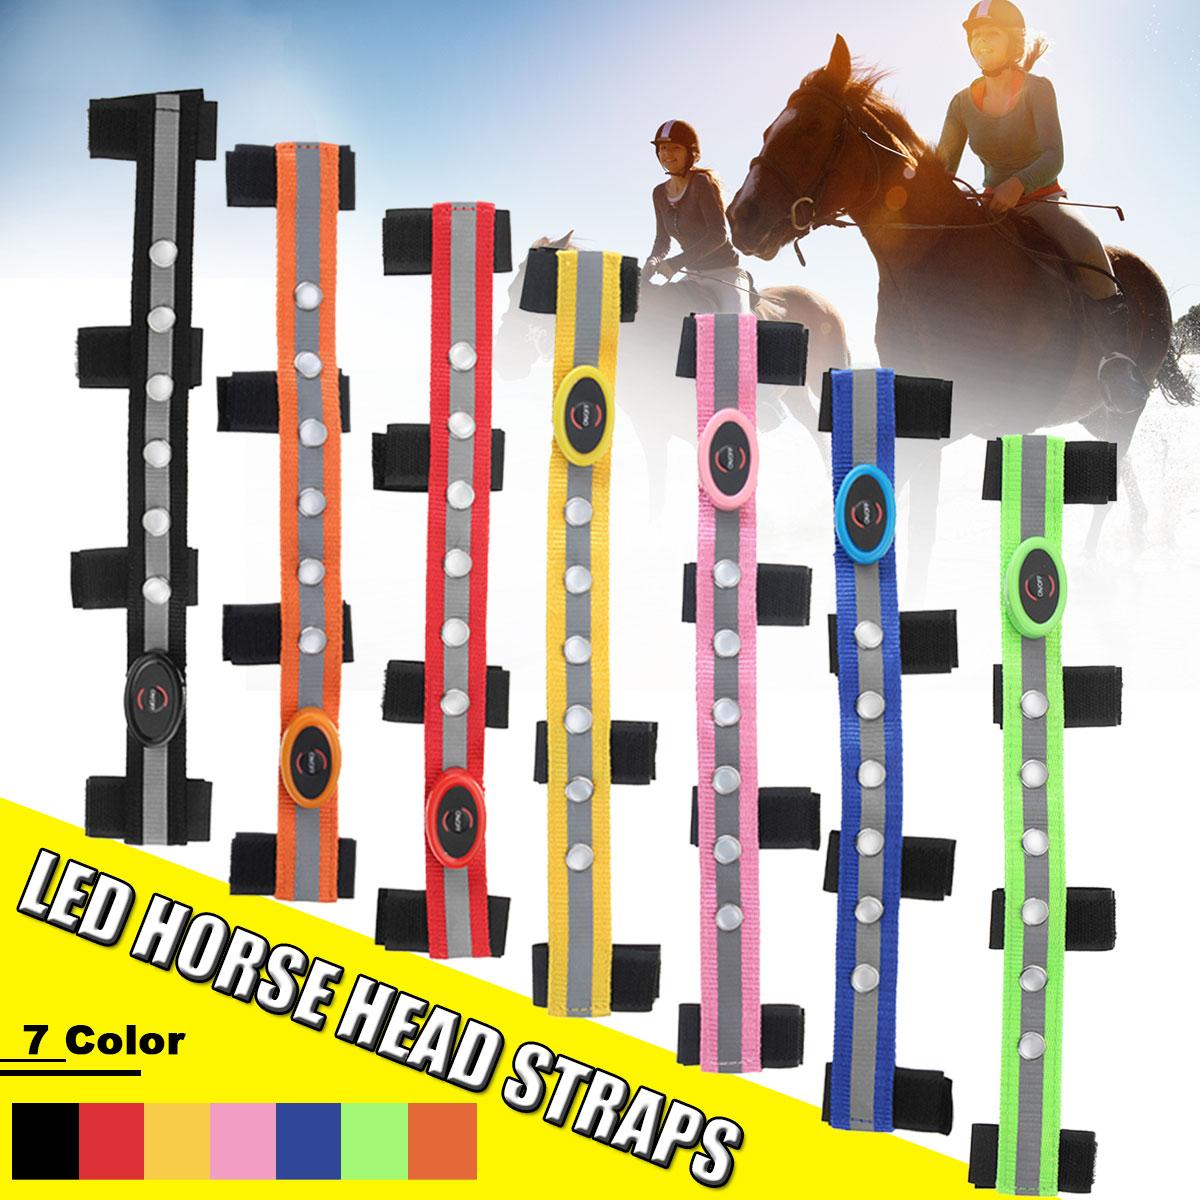 LED Horse Kopf Straps Nacht Sichtbar Paardensport Equitation Multi-Farbe Optional Pferd Brust Dekoration Reiten Streifen